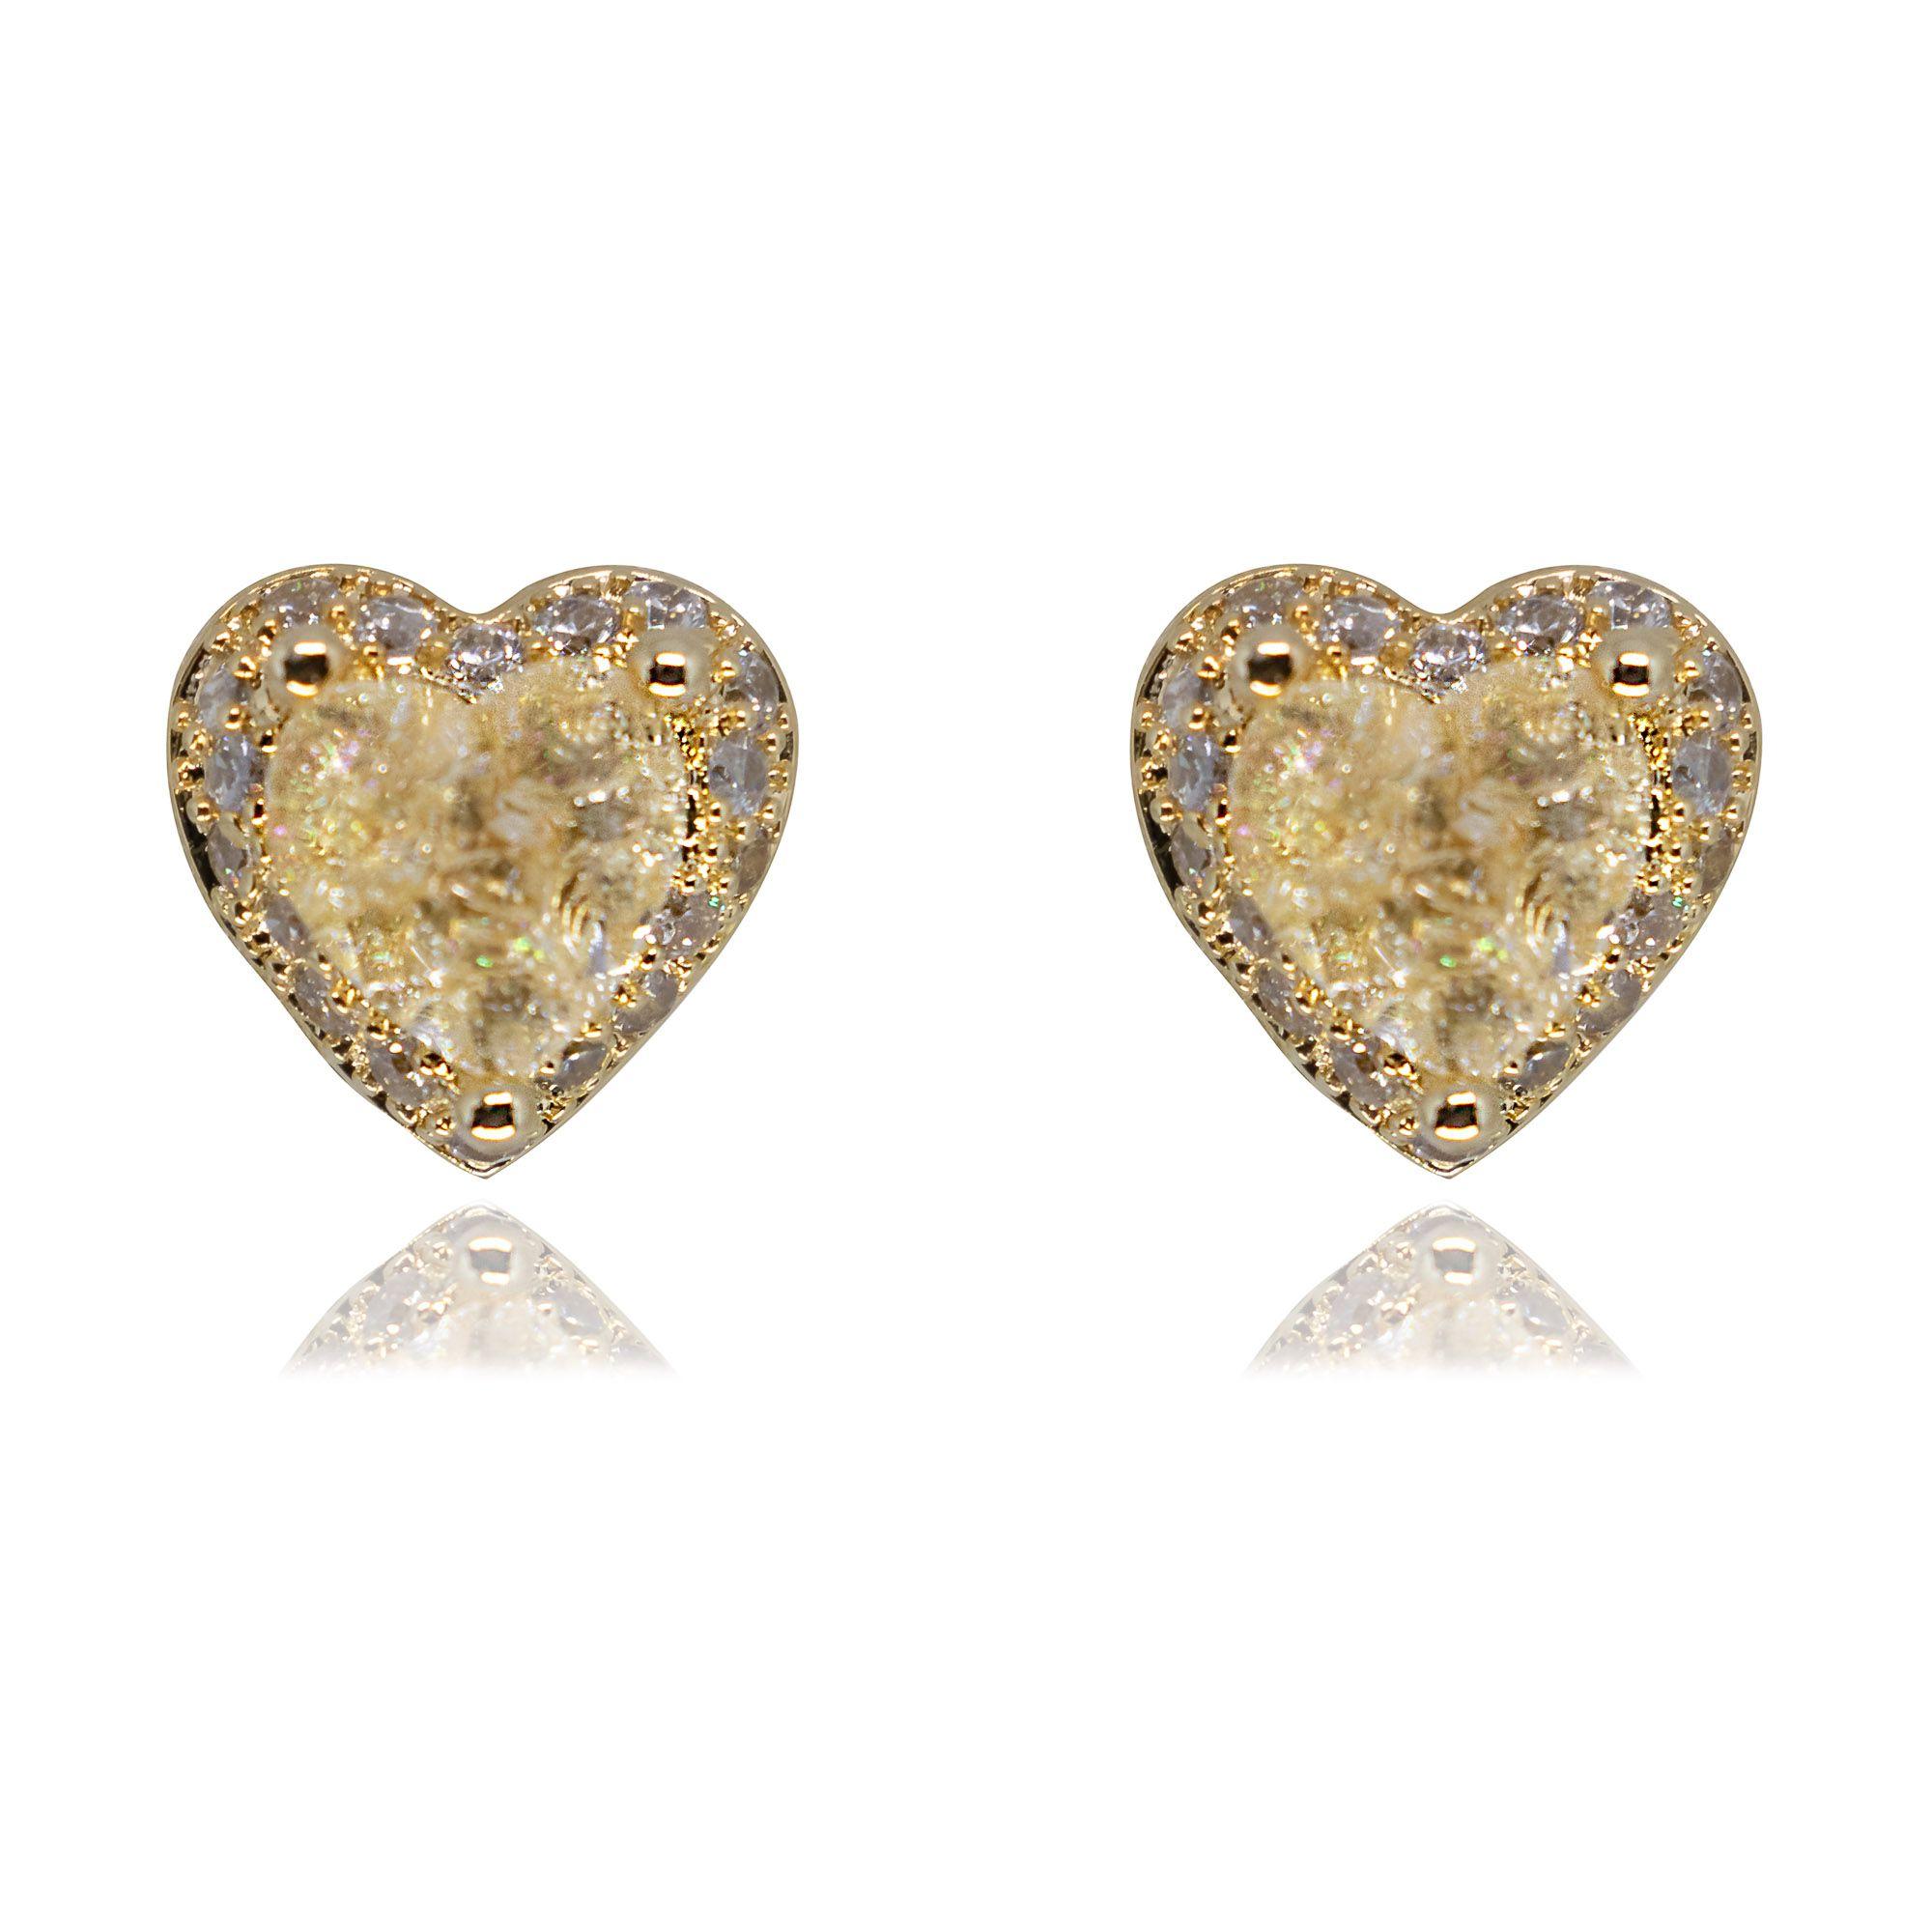 Brinco  Semi joia coração com zircônia Cravejada banhado a ouro 18k ou rhodium